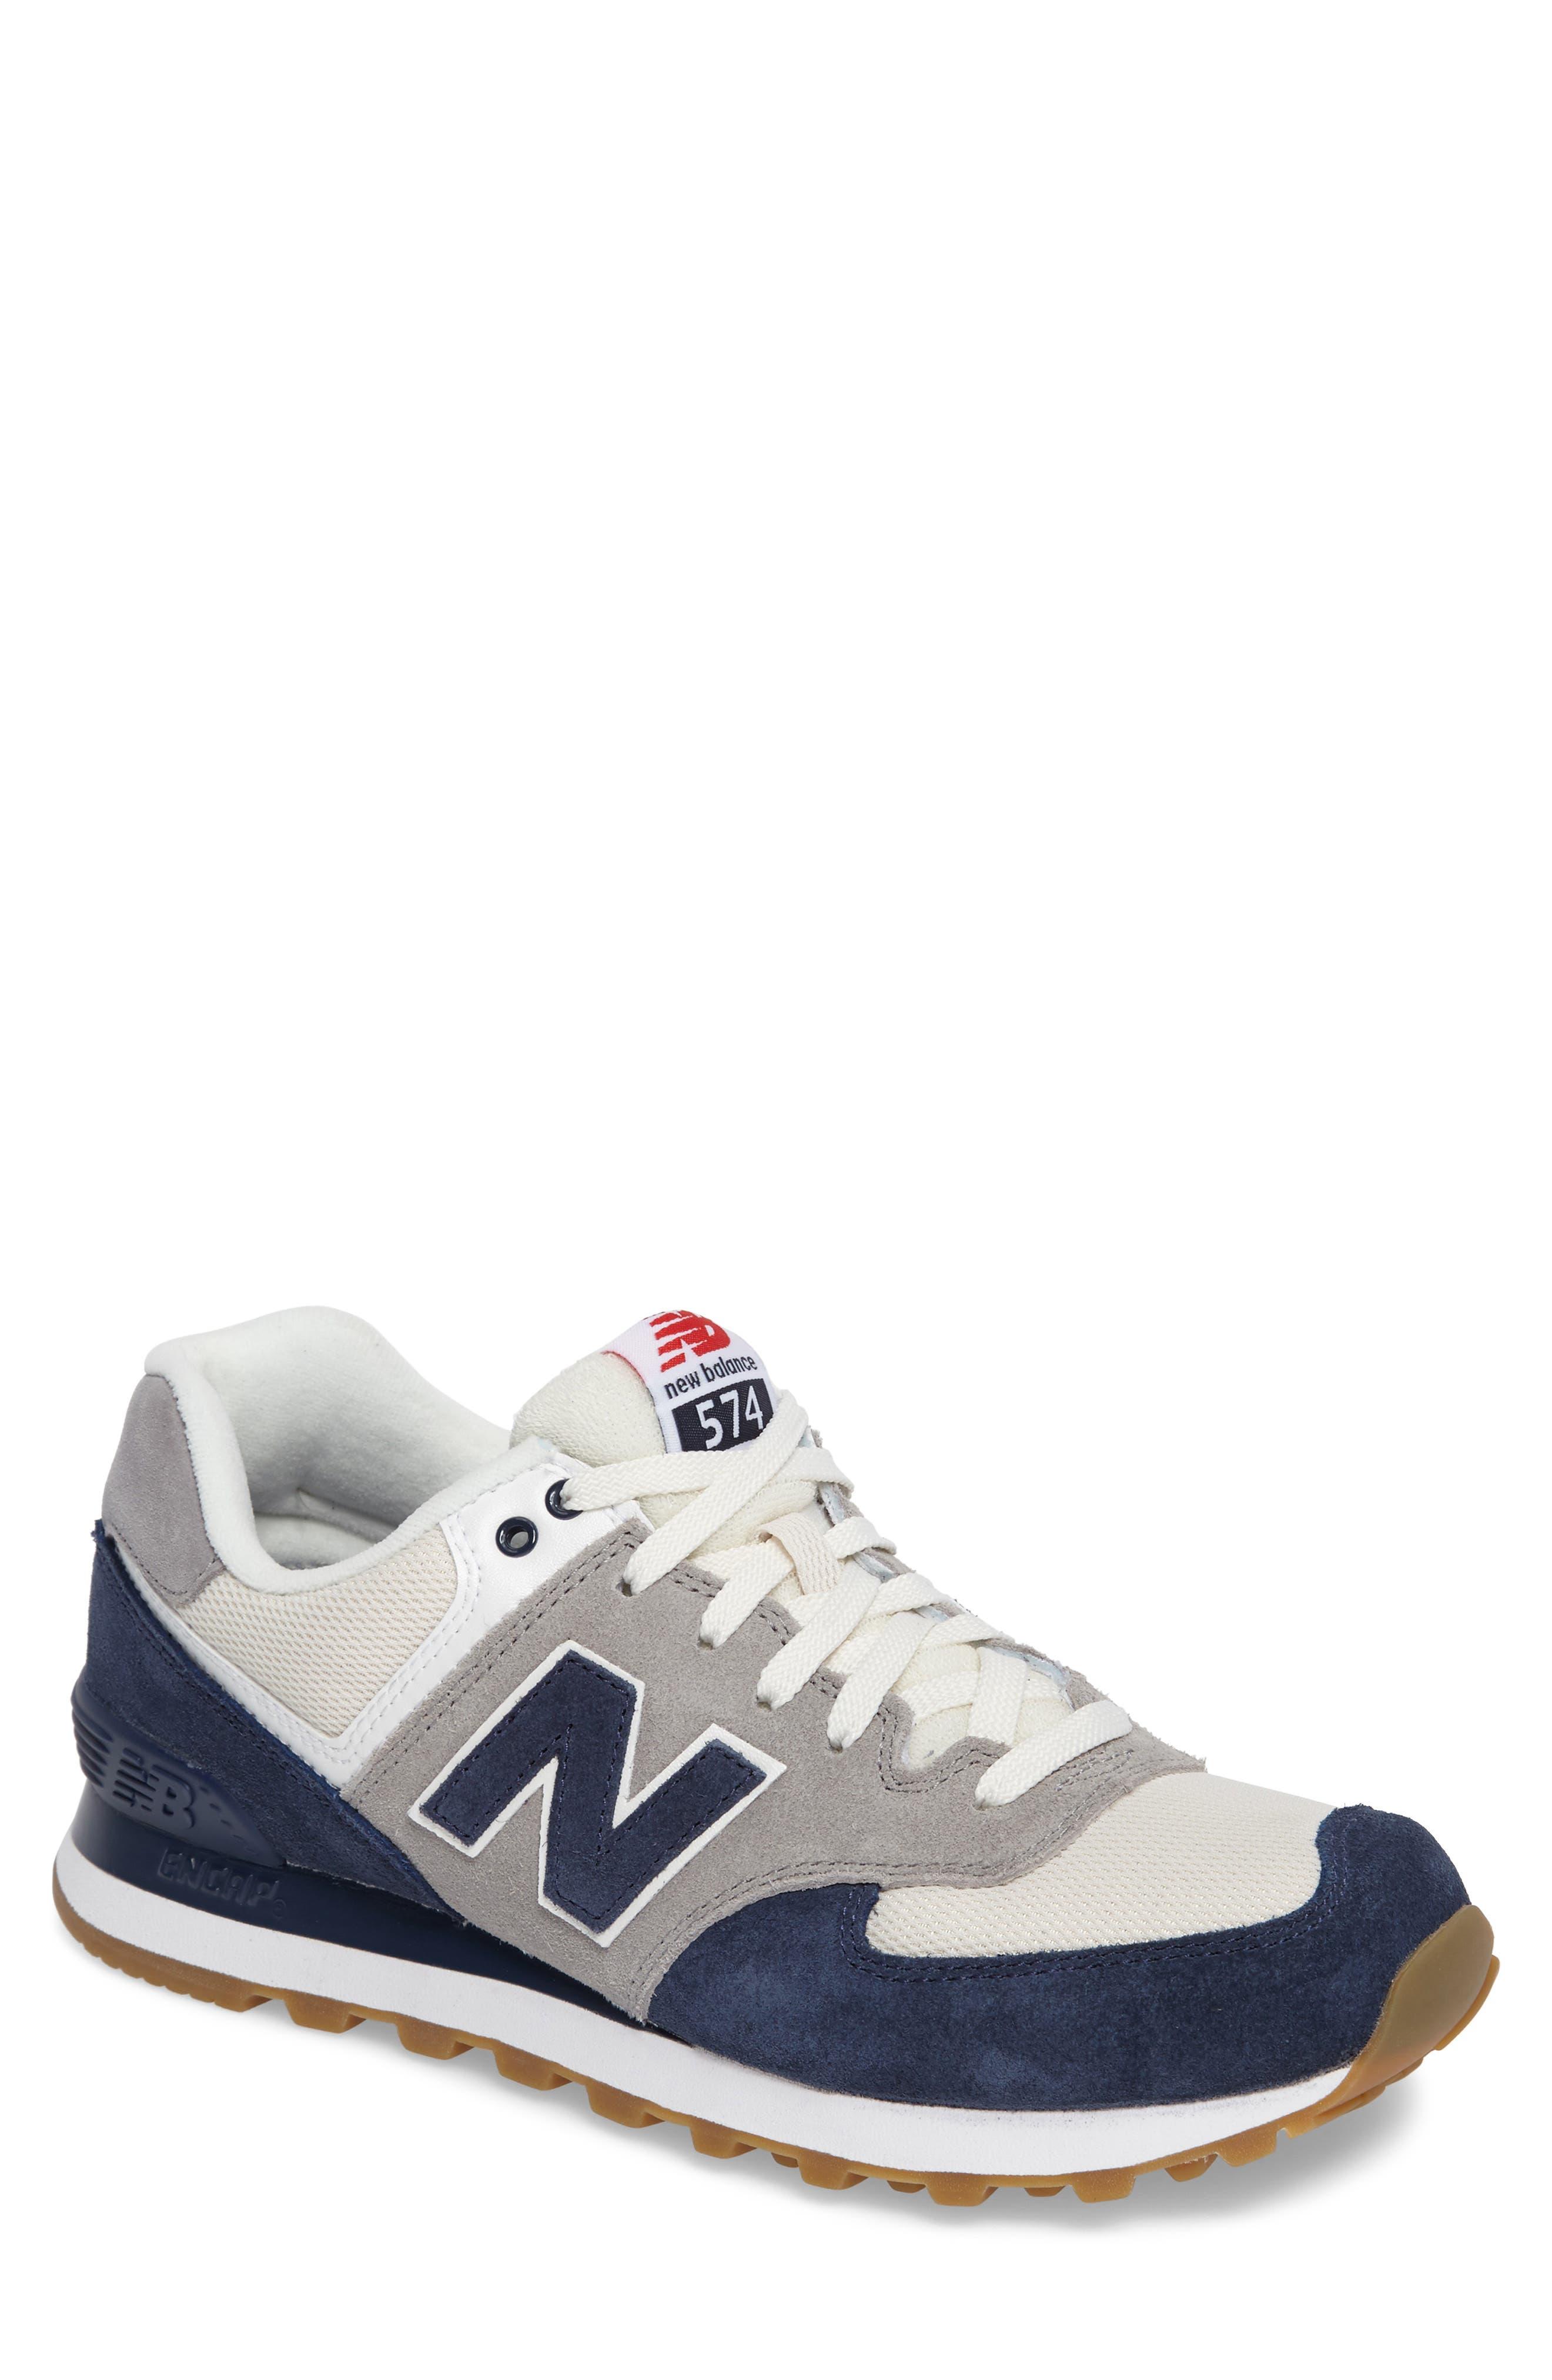 Alternate Image 1 Selected - New Balance 574 Retro Sport Sneaker (Men)